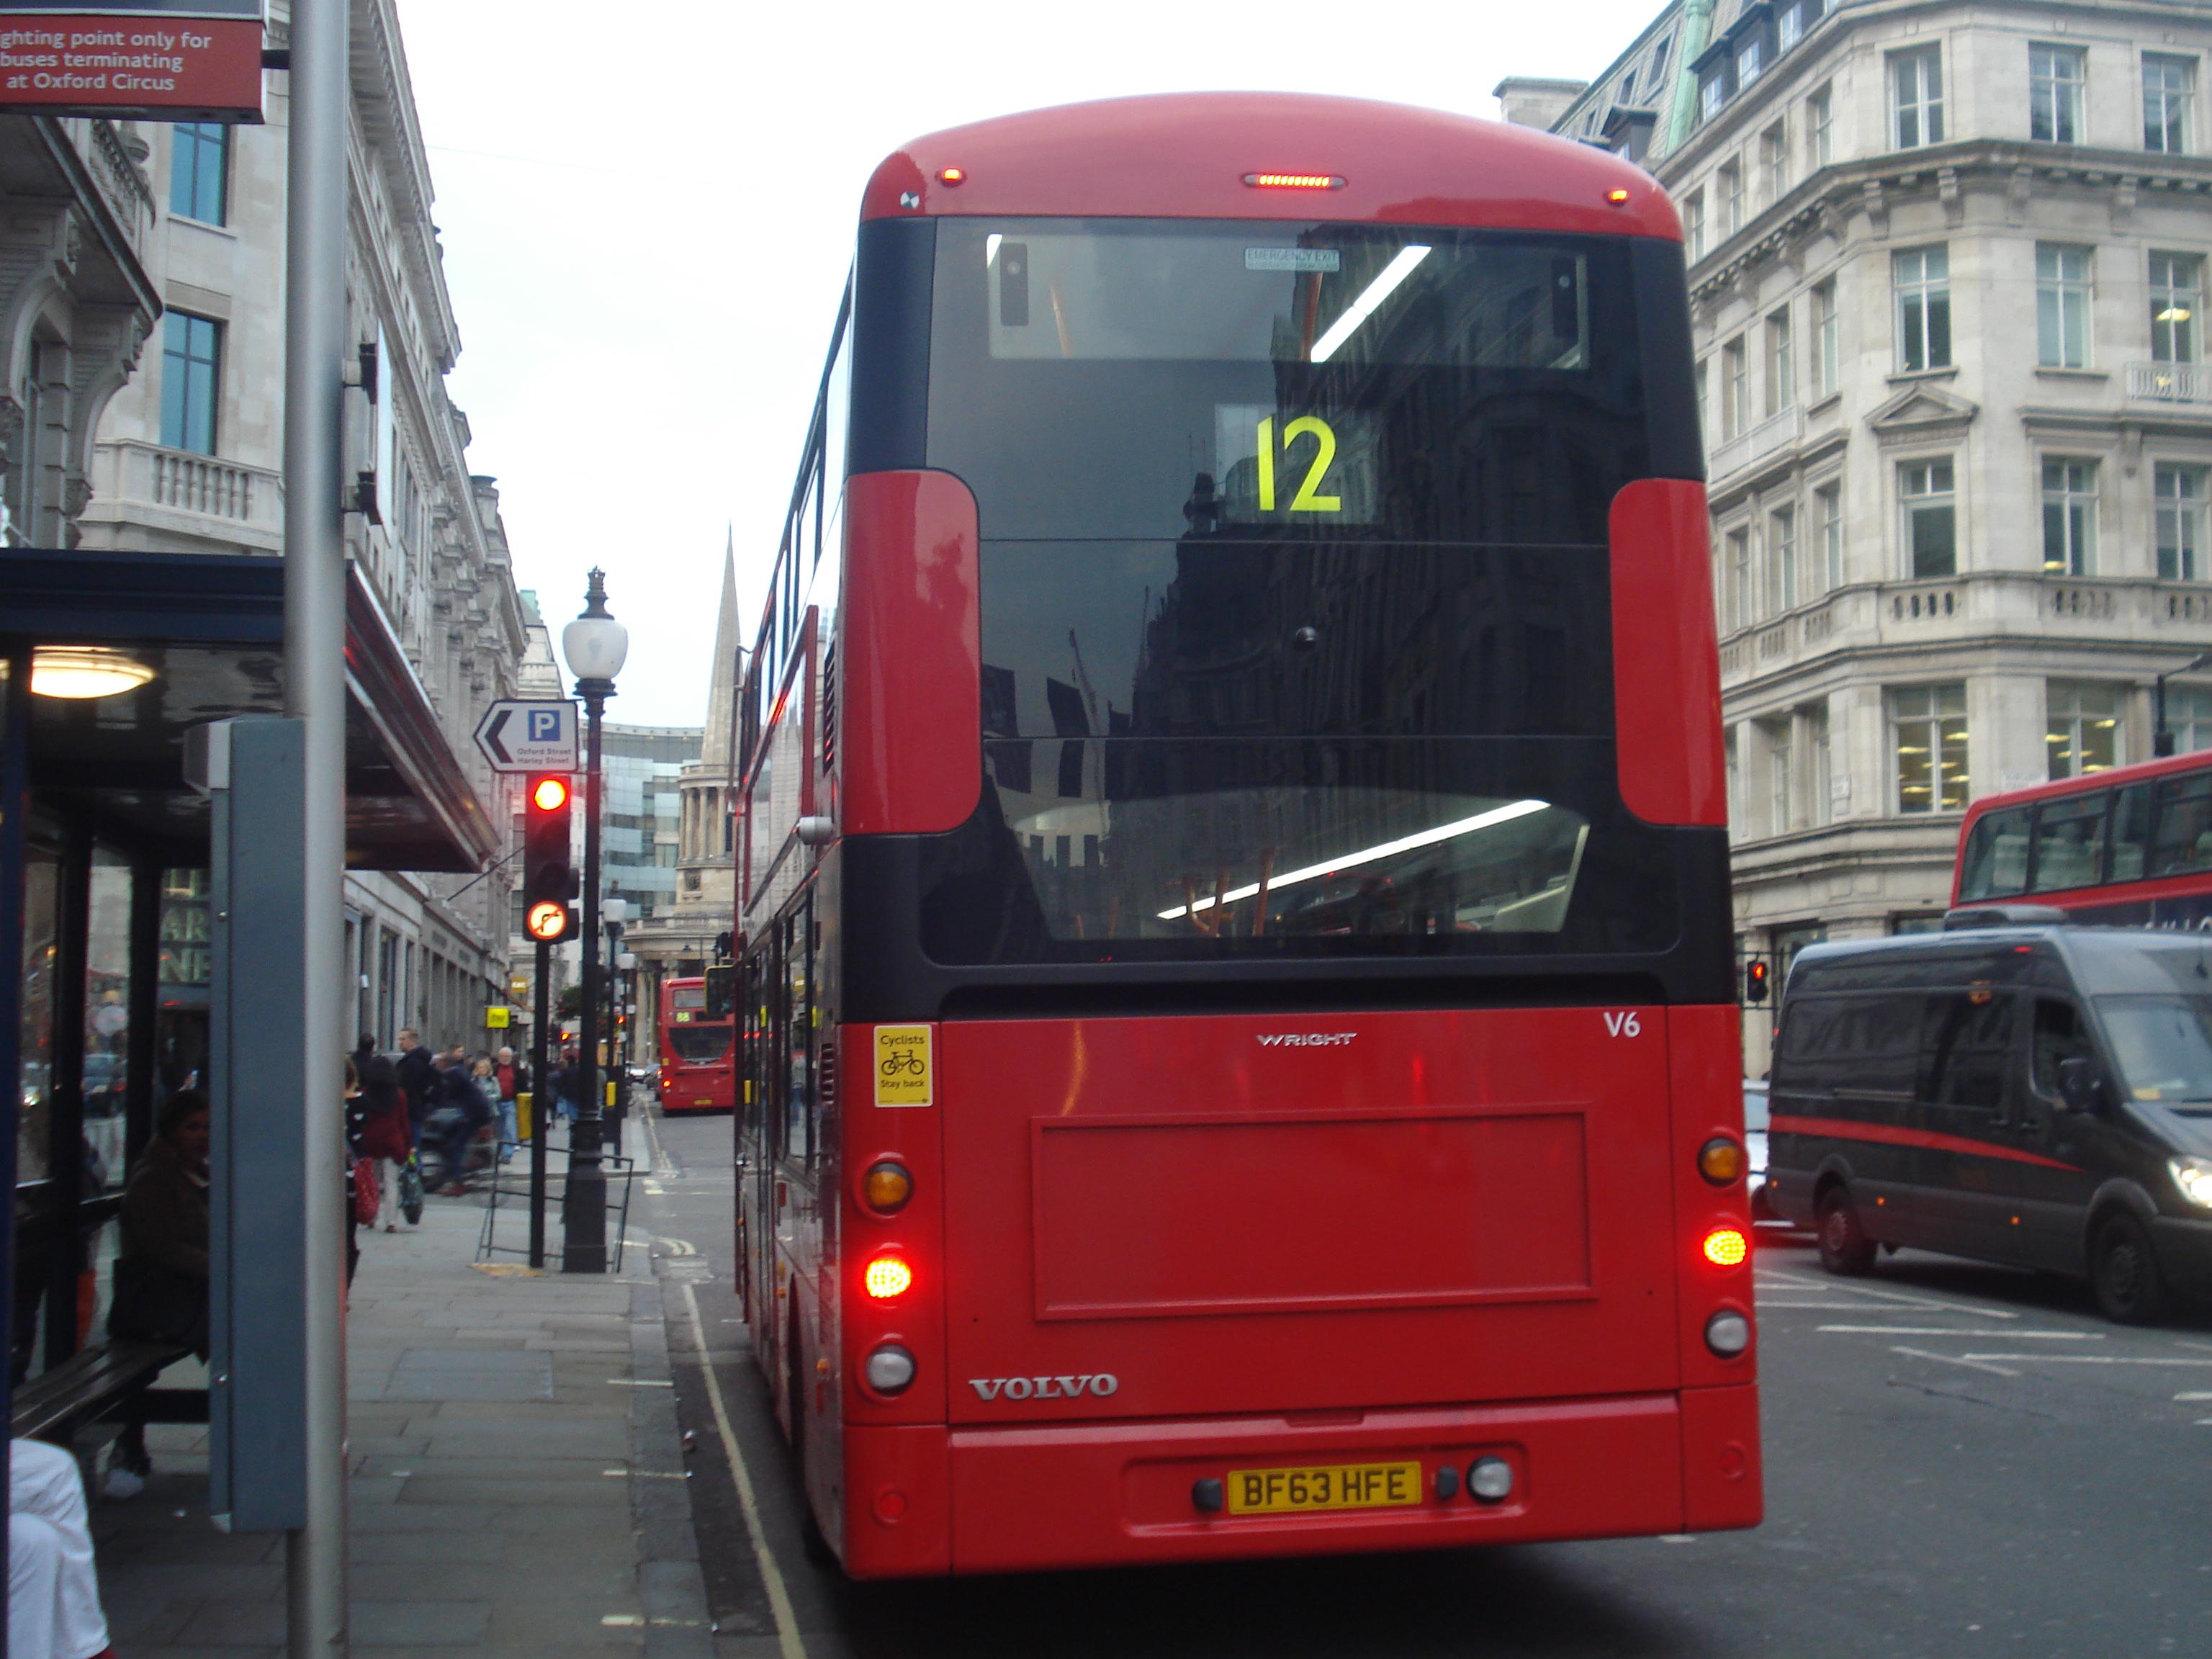 file:au morandarte flickr rear of london central v6, route 12